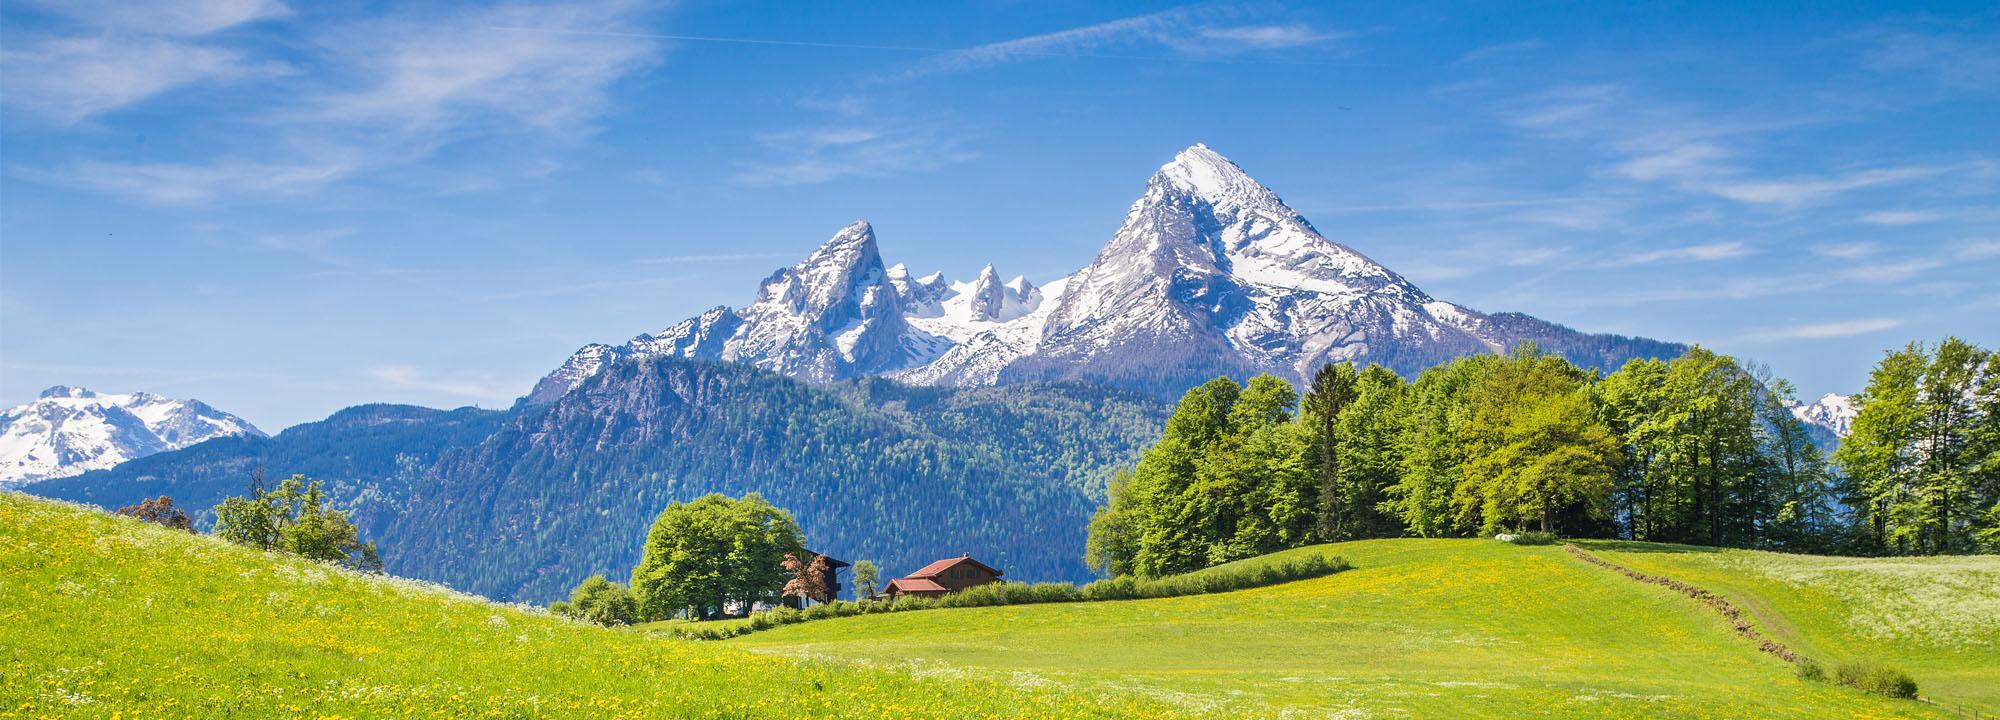 Pelipecky uvodní fotografie hory